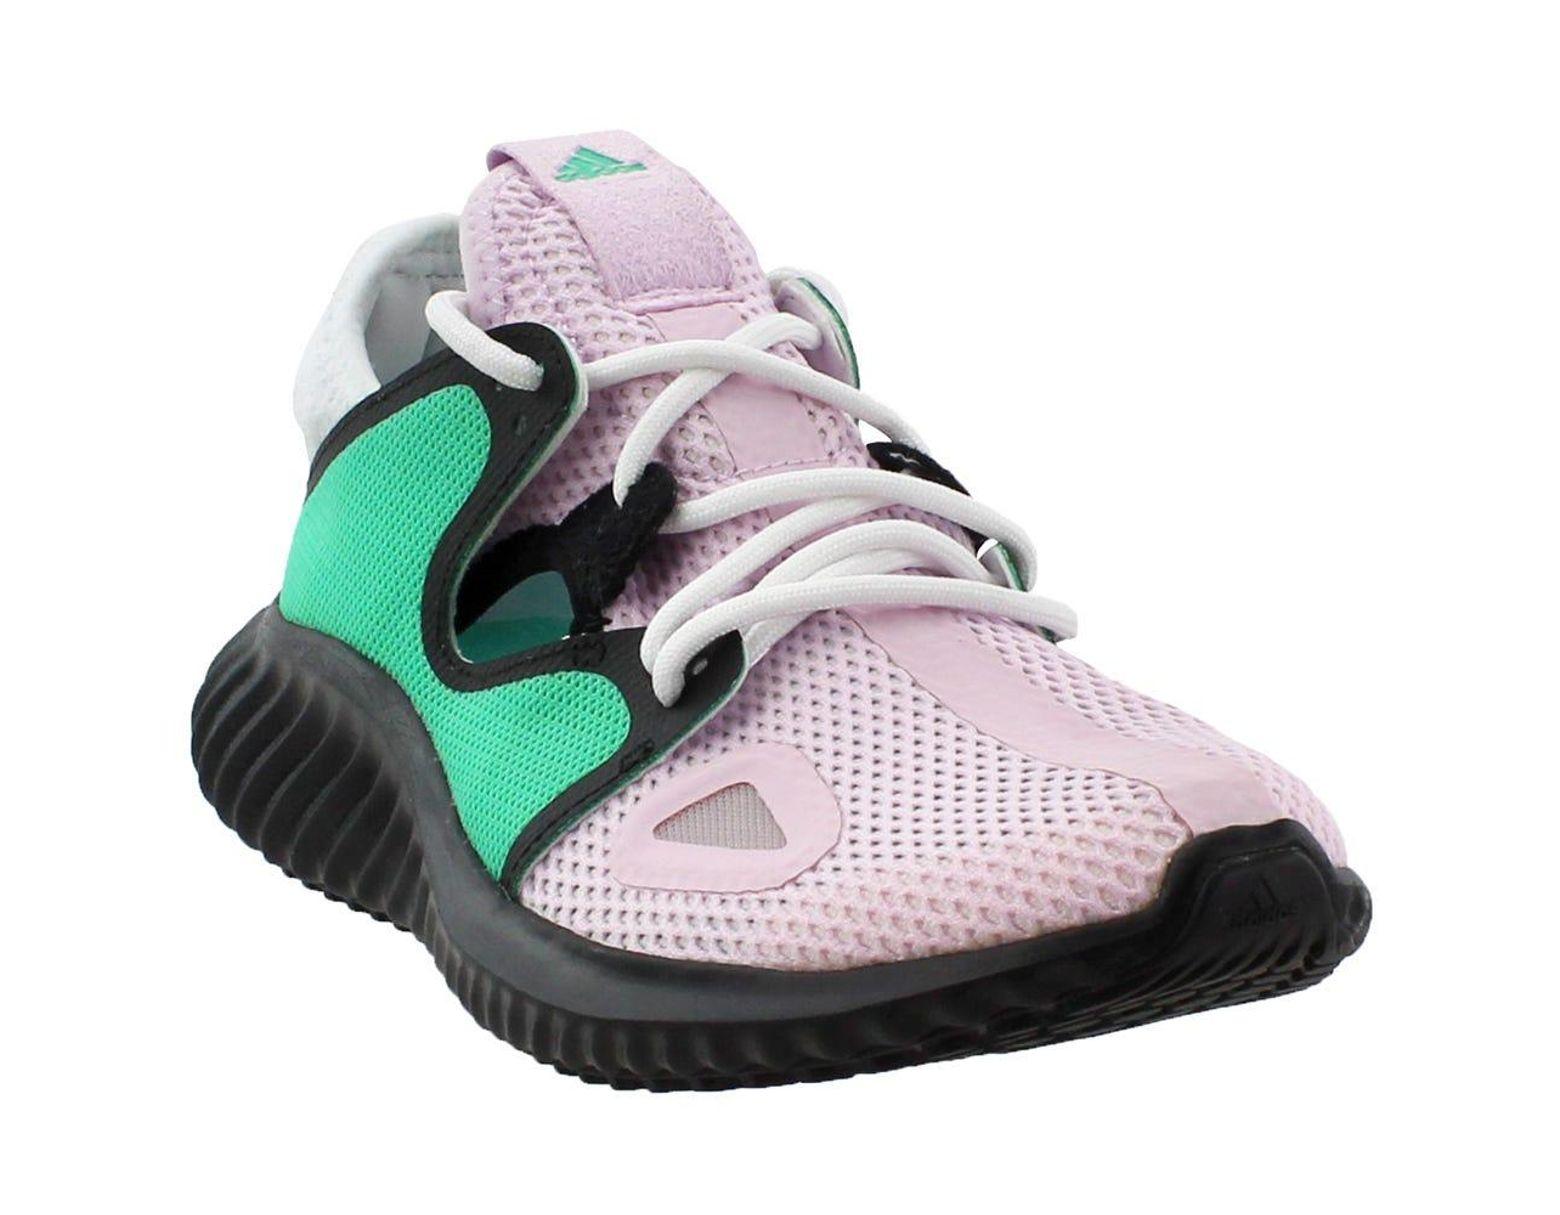 acheter populaire bdd2d d4863 Women's Pink Run Lux Clima